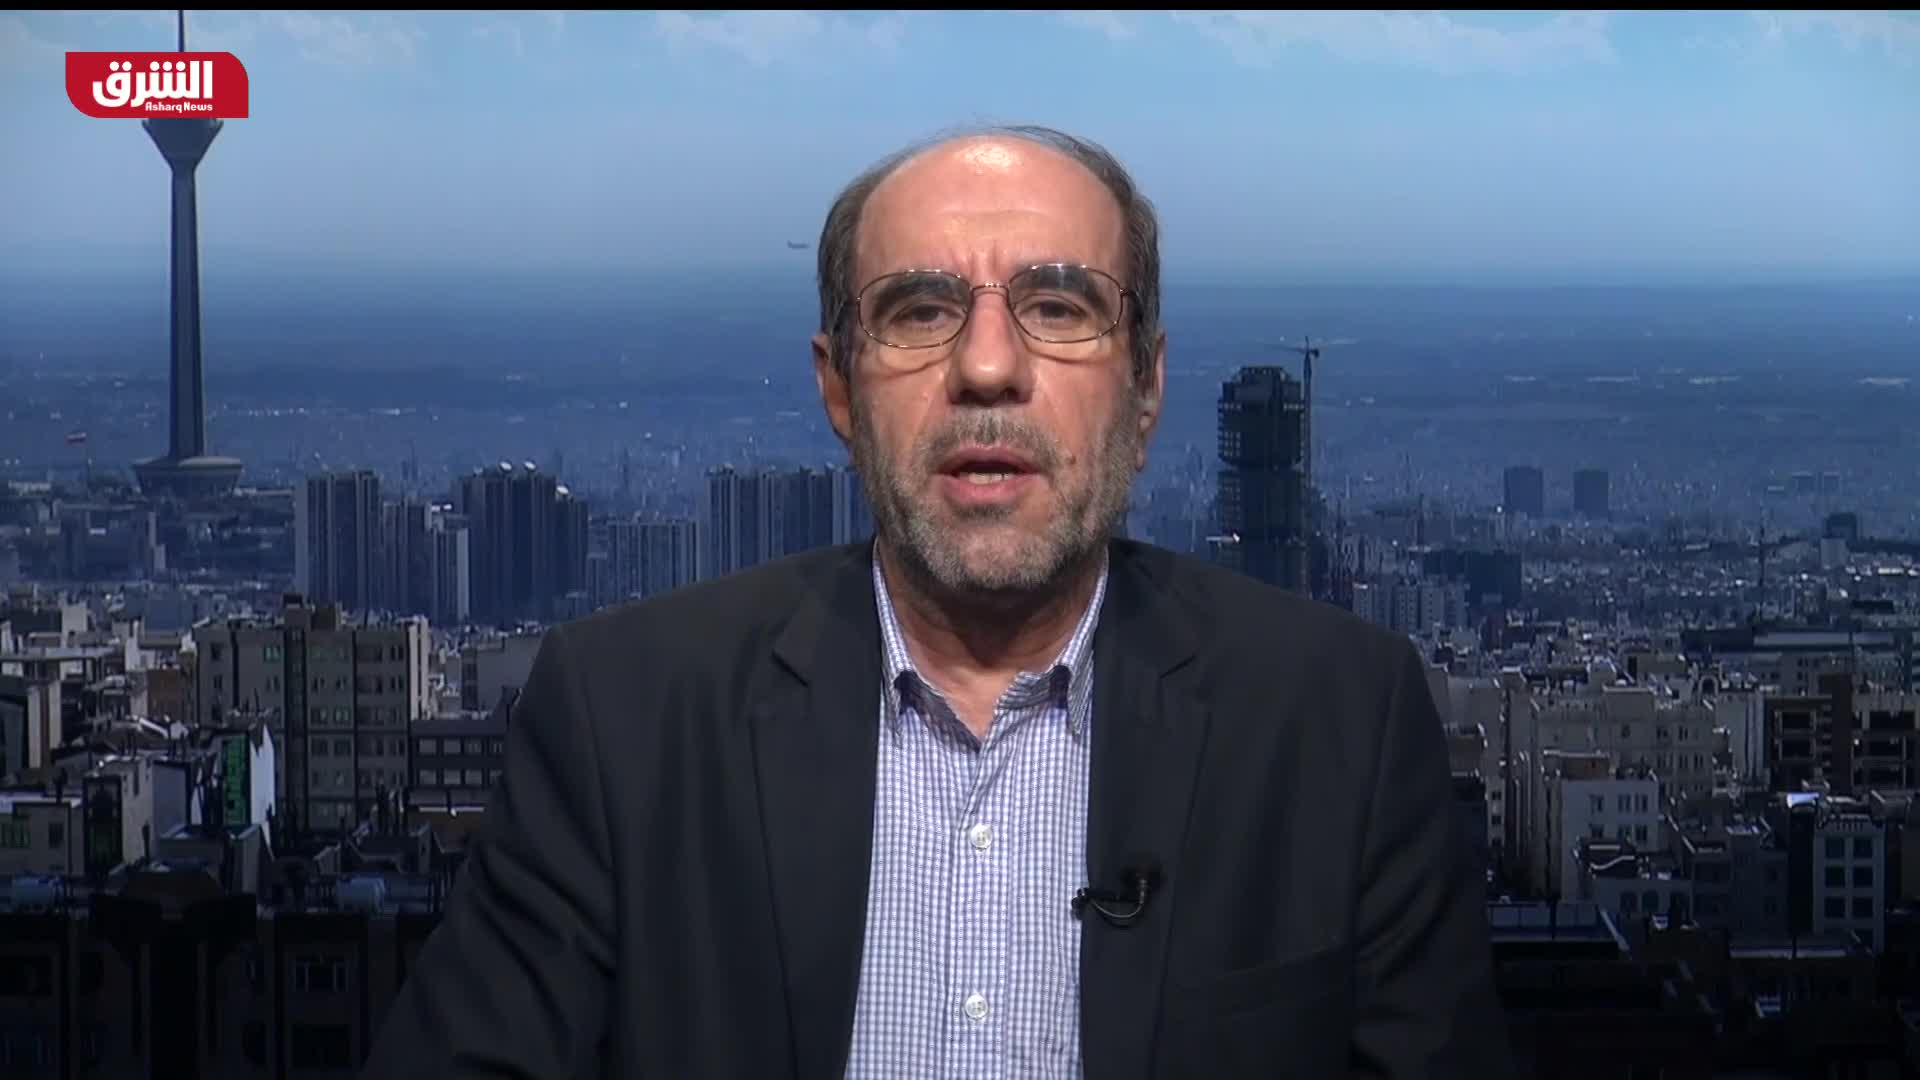 هل انتقلت الحرب بين إيران وإسرائيل إلى البحر؟